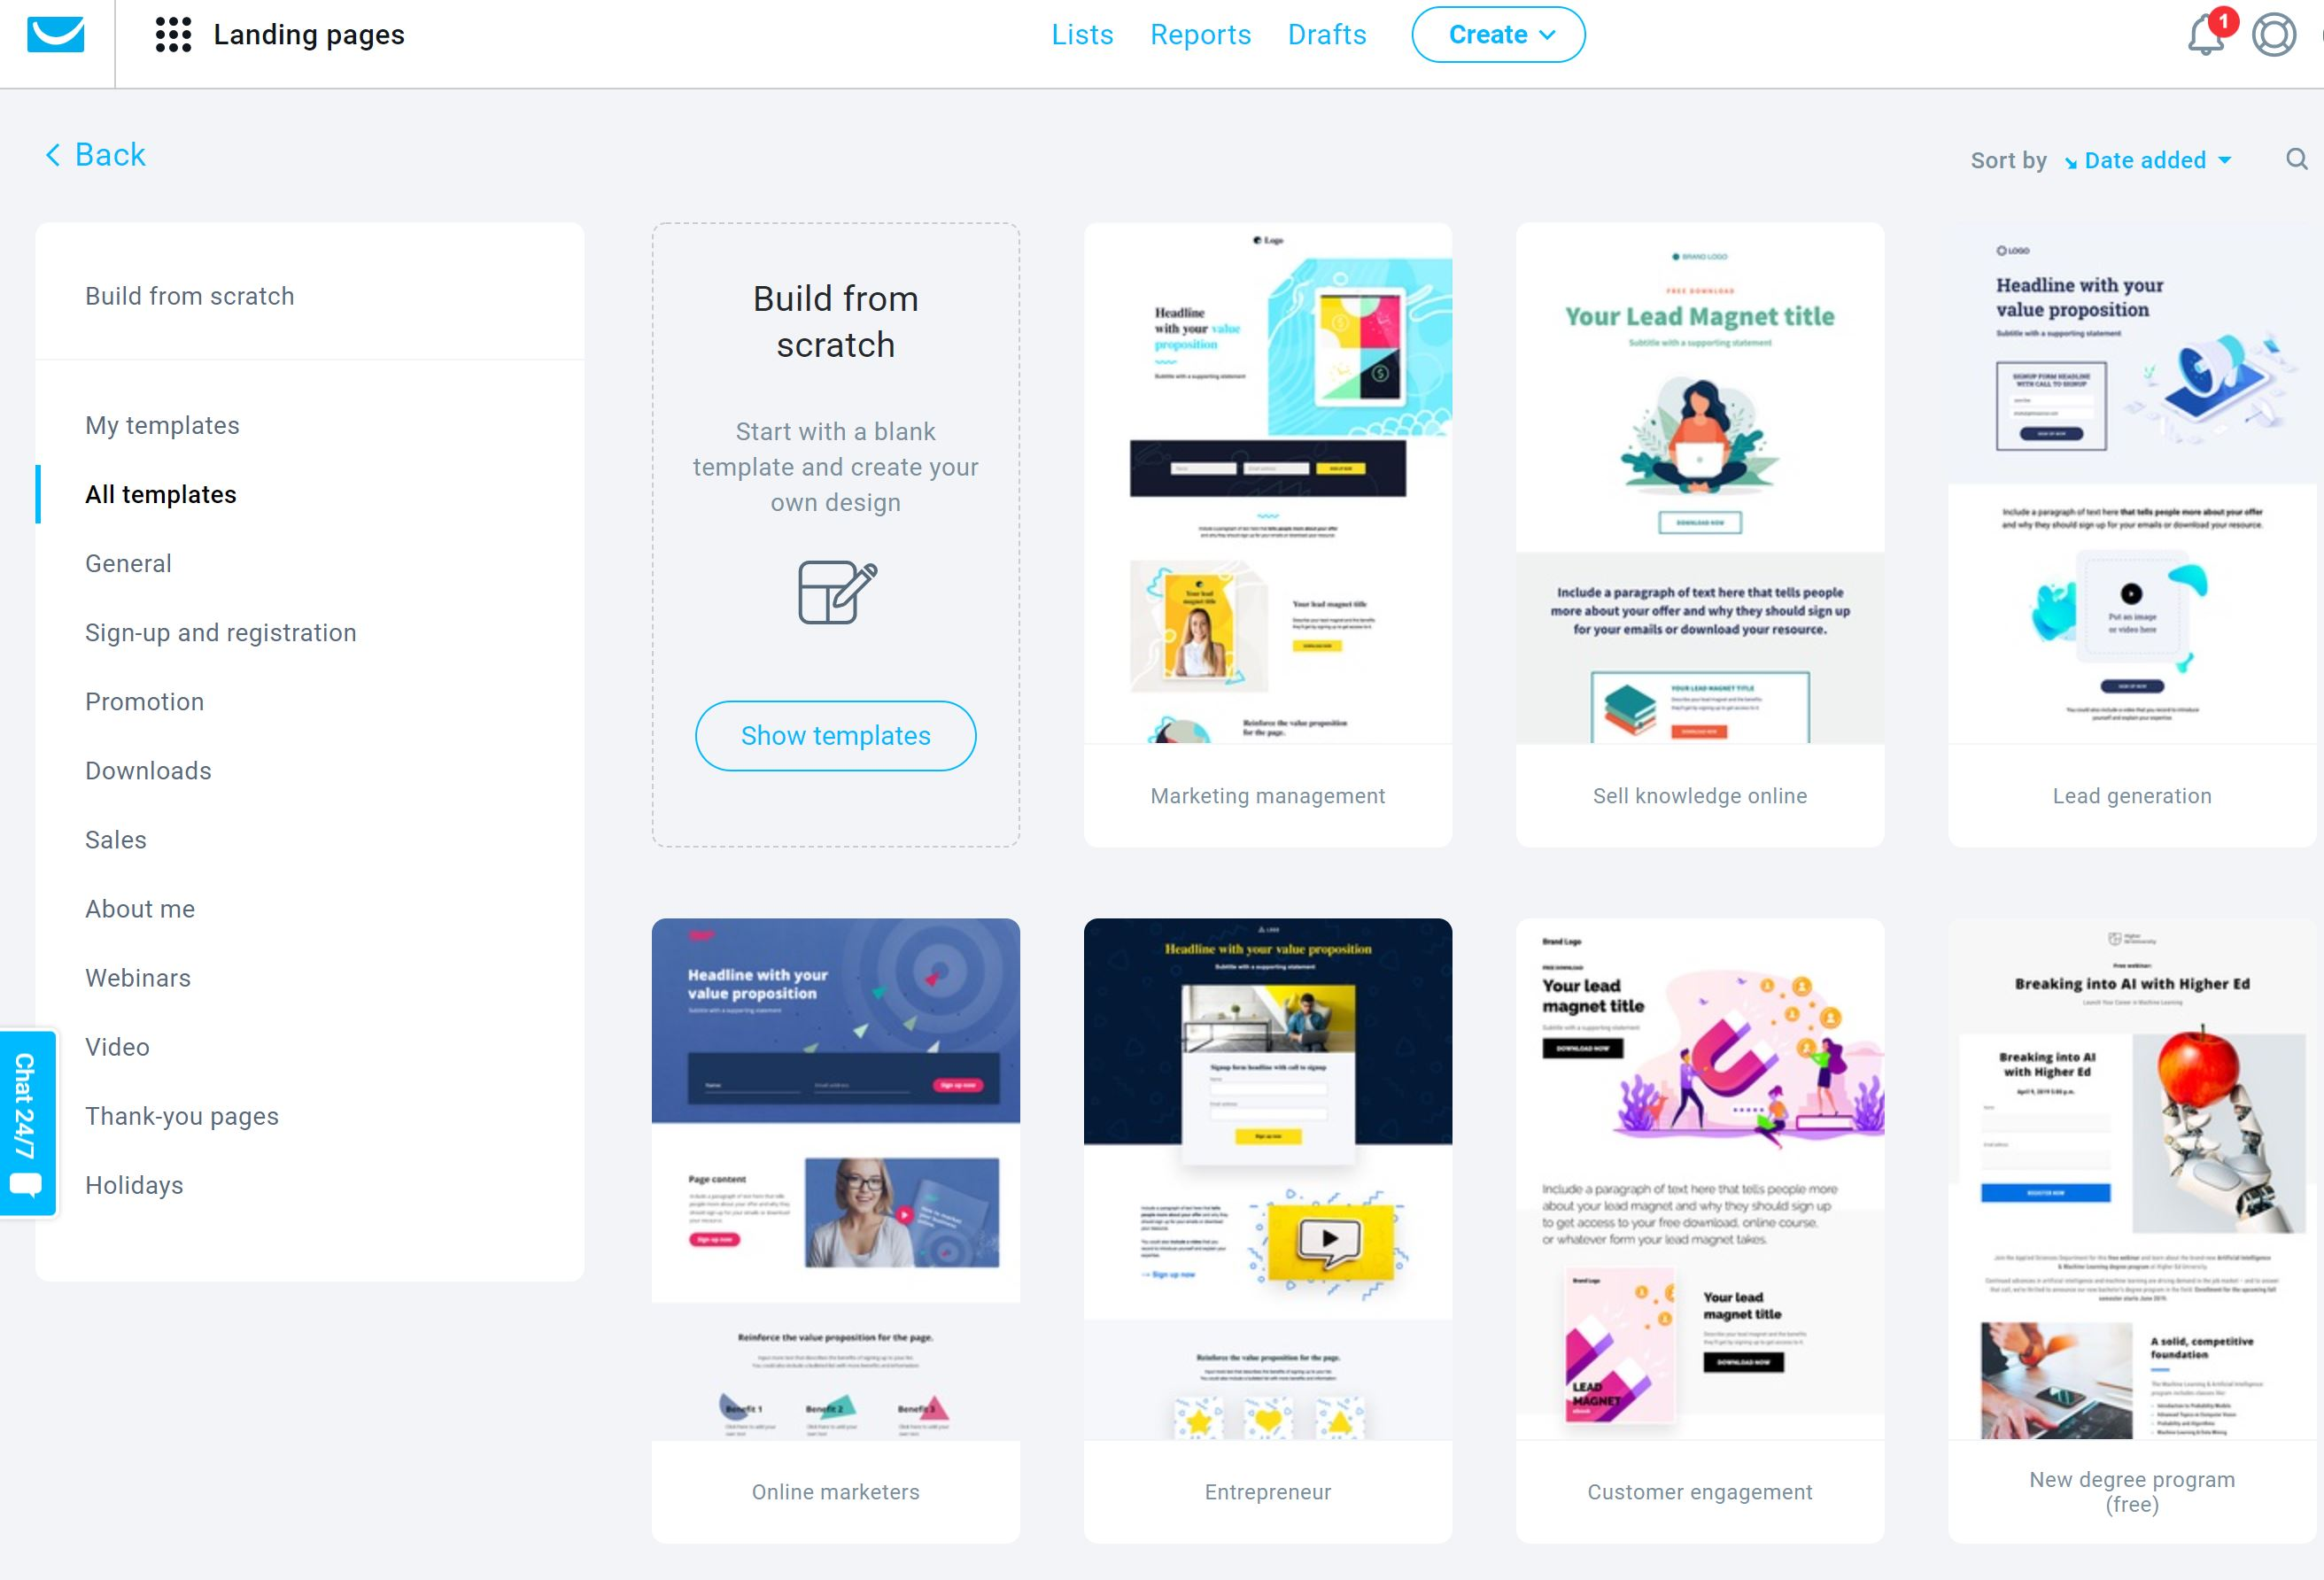 GetResponse Lanfin Page Builder